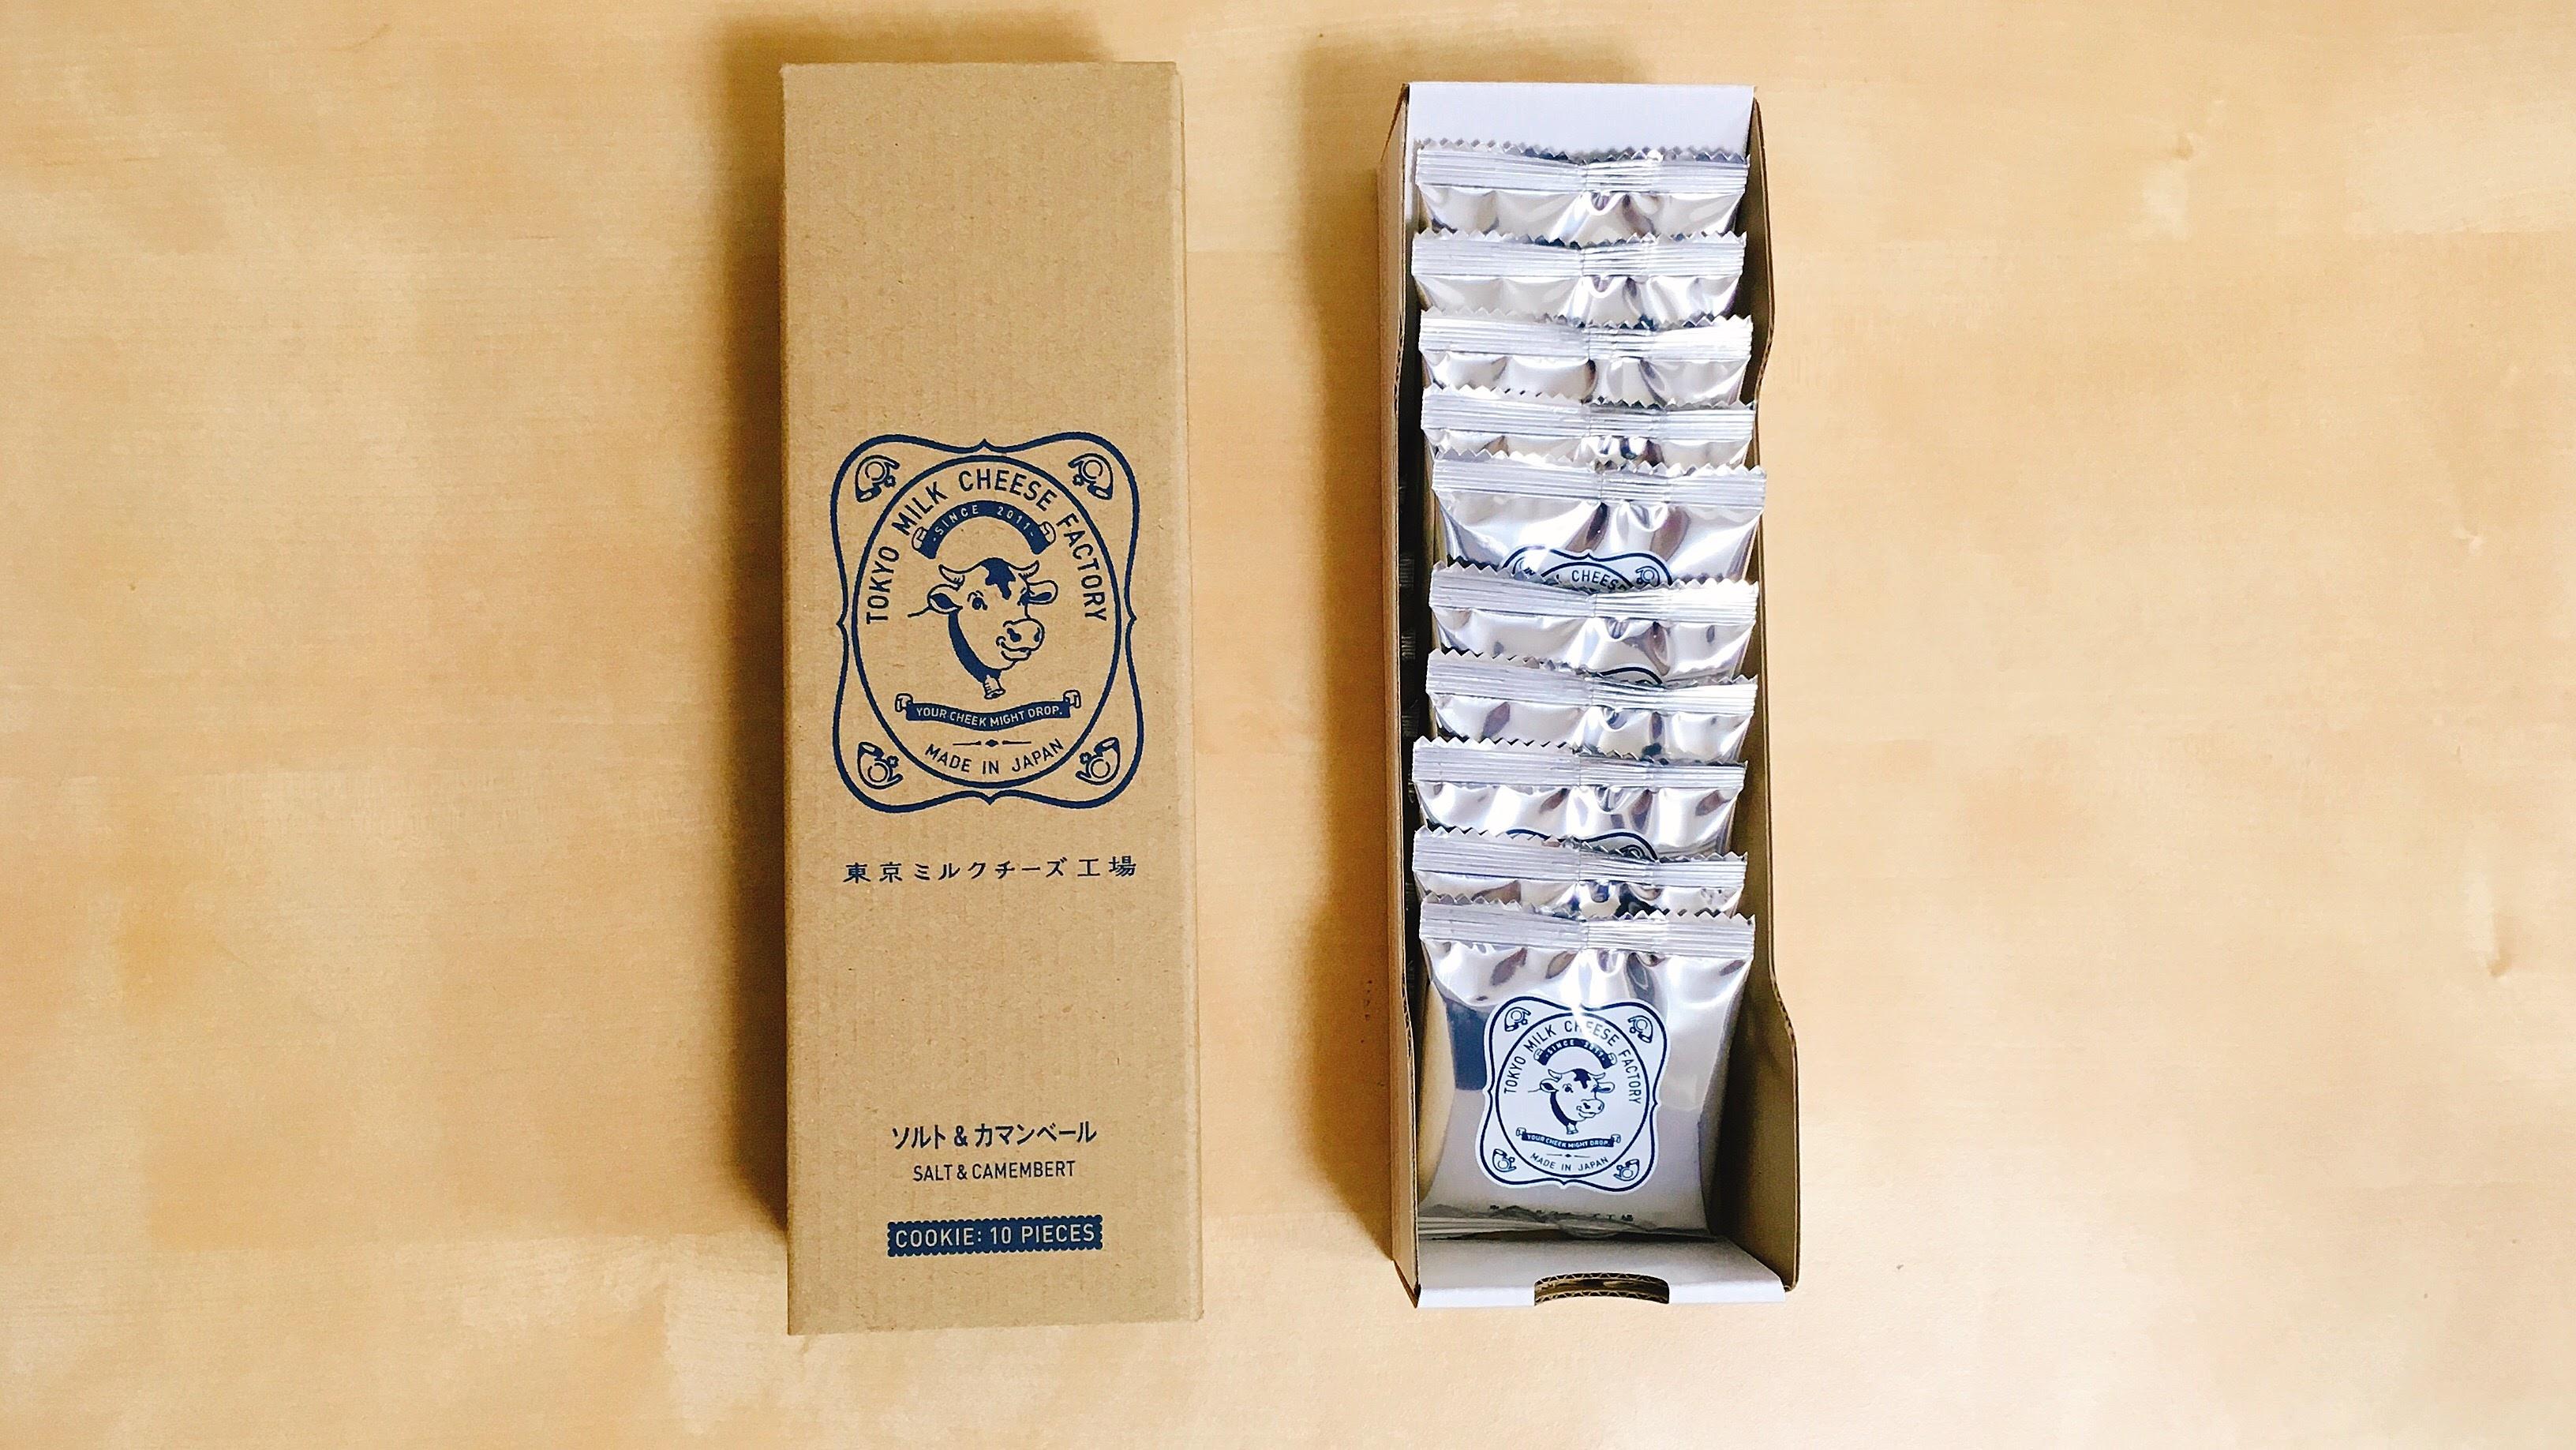 東京ミルクチーズ工場のソルト&カマンベールクッキー